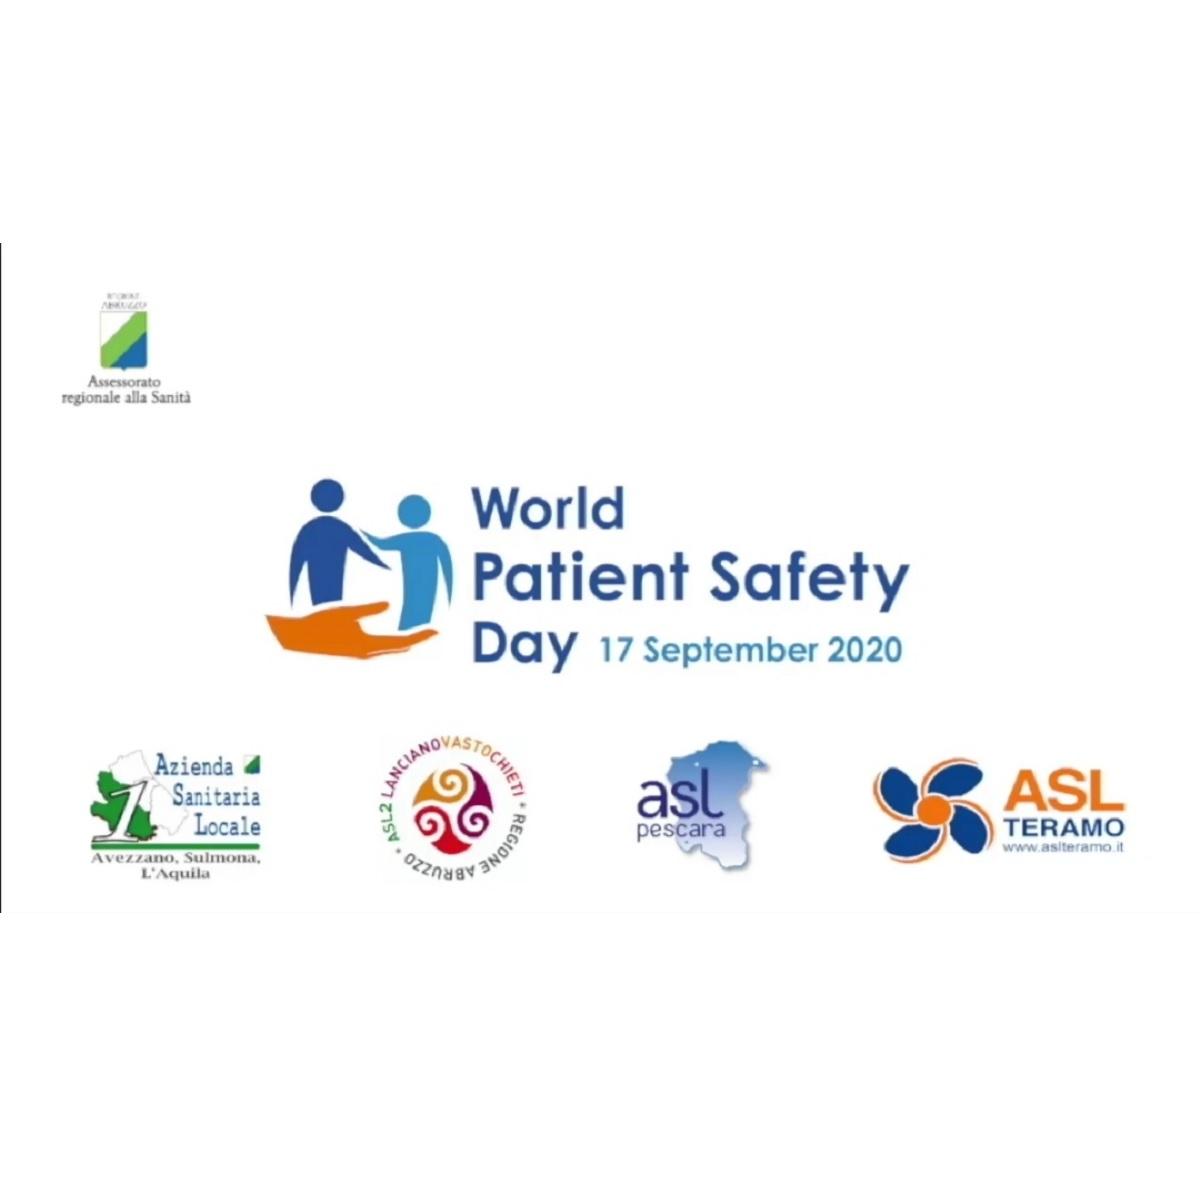 La Regione Abruzzo aderisce alla Giornata mondiale della sicurezza dei pazienti foto